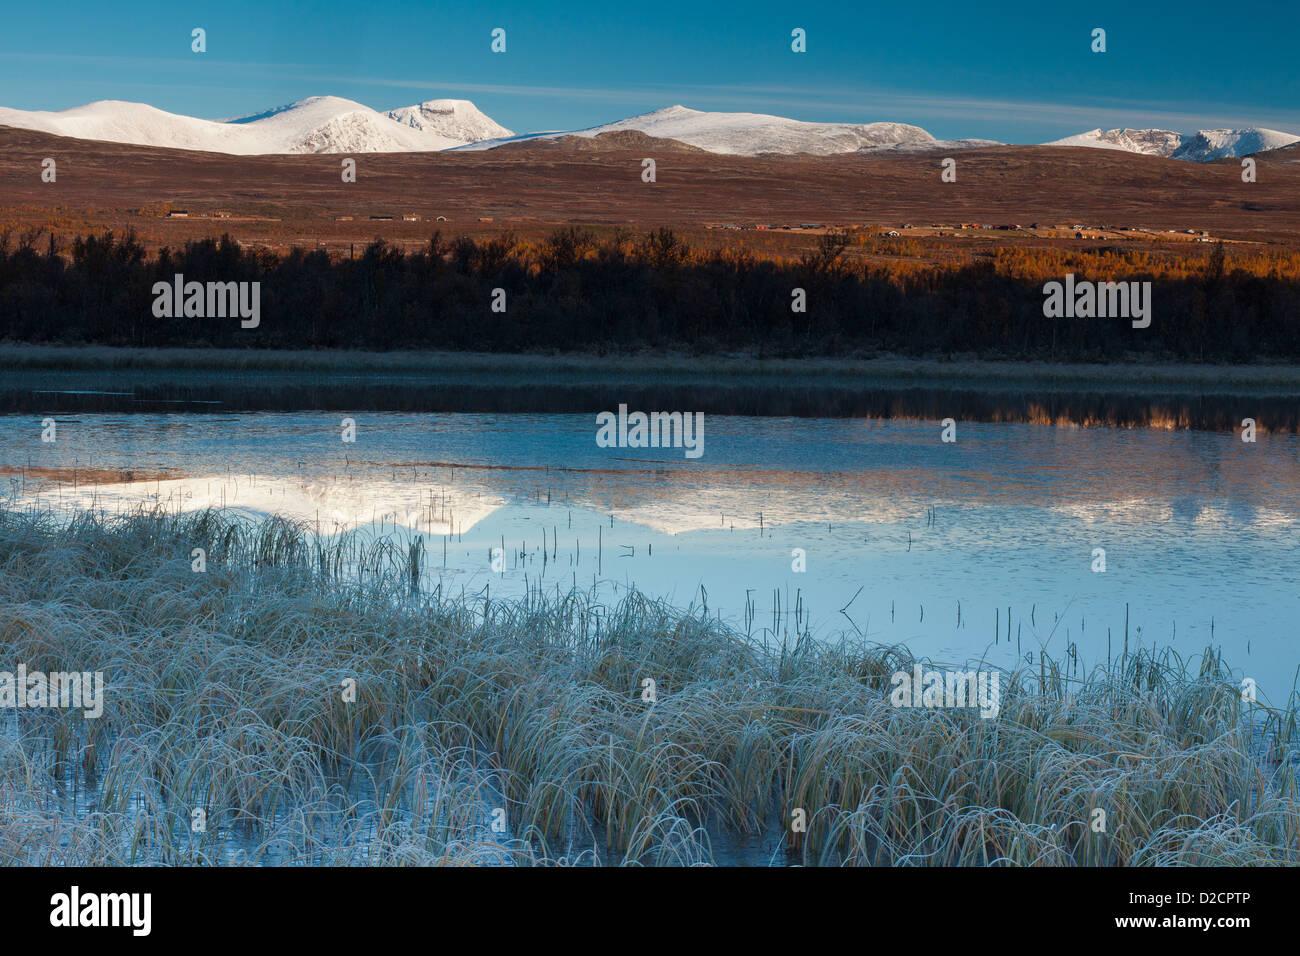 La helada mañana de septiembre en Fokstumyra reserva natural, Dovre, Noruega. Imagen De Stock